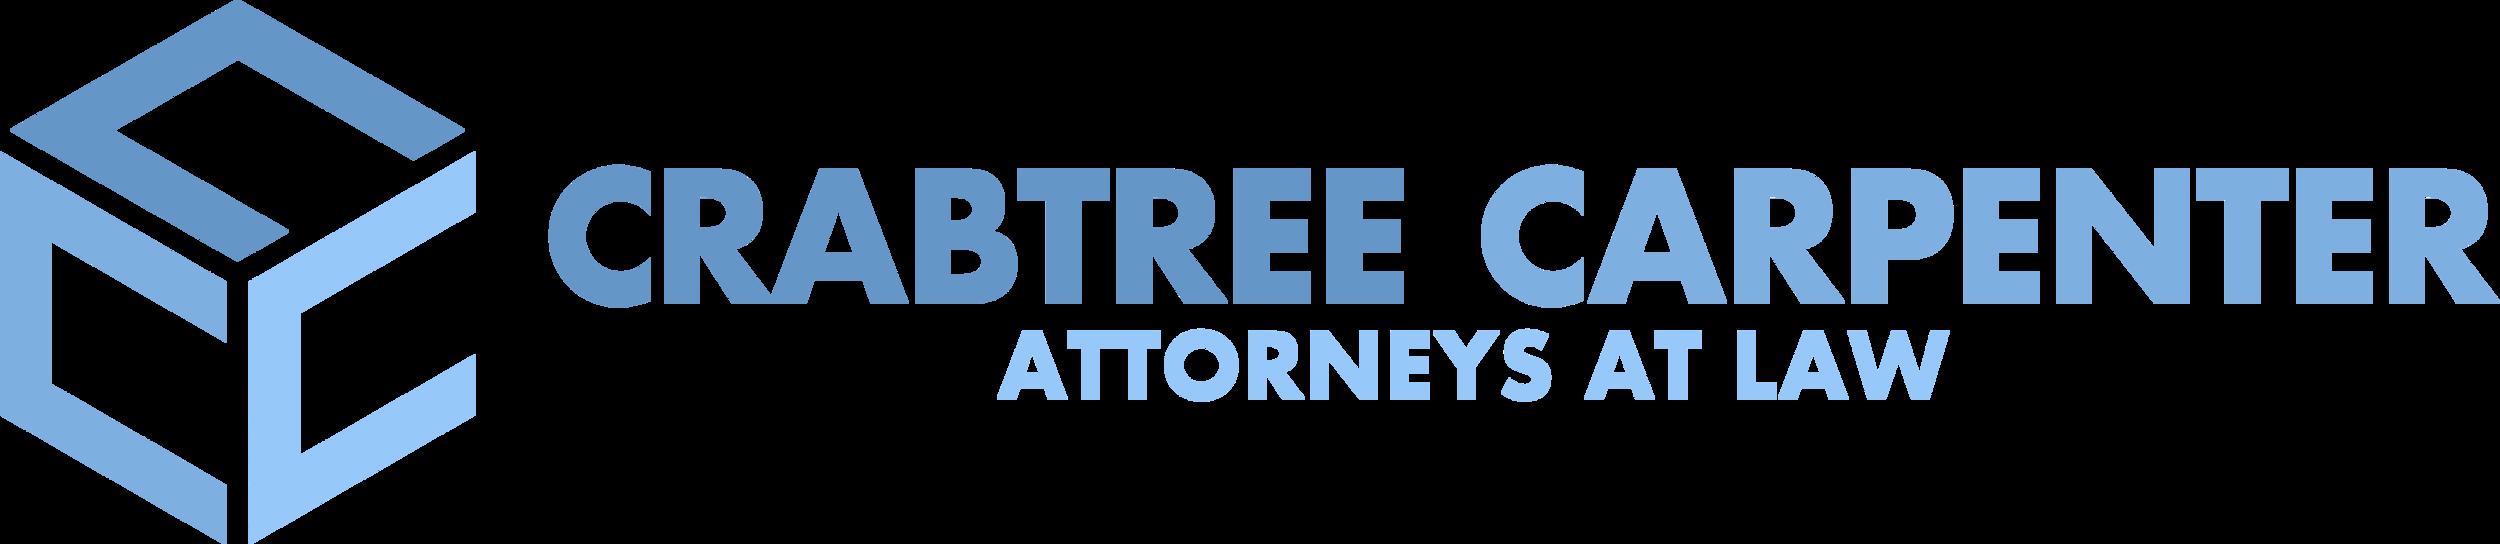 Crabtree Carpenter Logo.png